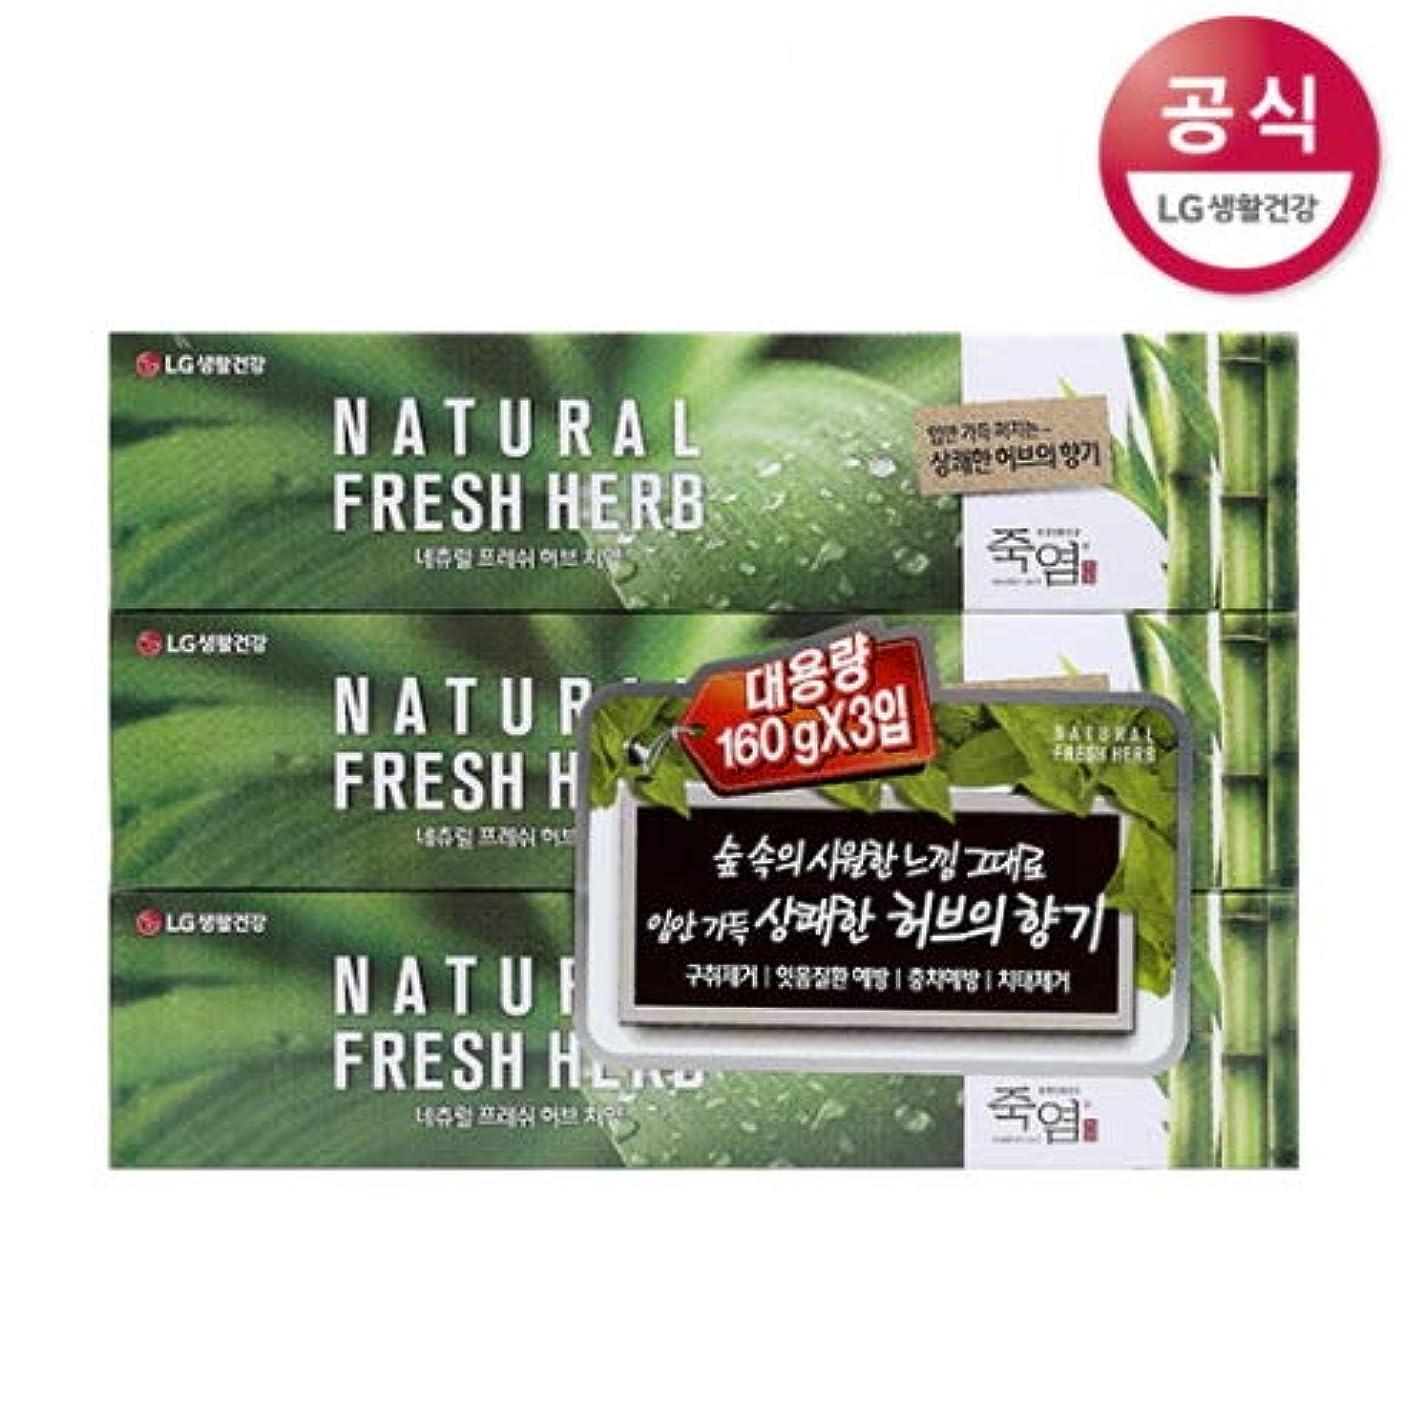 順番ワークショップ類似性[LG HnB] Bamboo Salt Natural Fresh Herbal Toothpaste/竹塩ナチュラルフレッシュハーブ歯磨き粉 160gx3個(海外直送品)